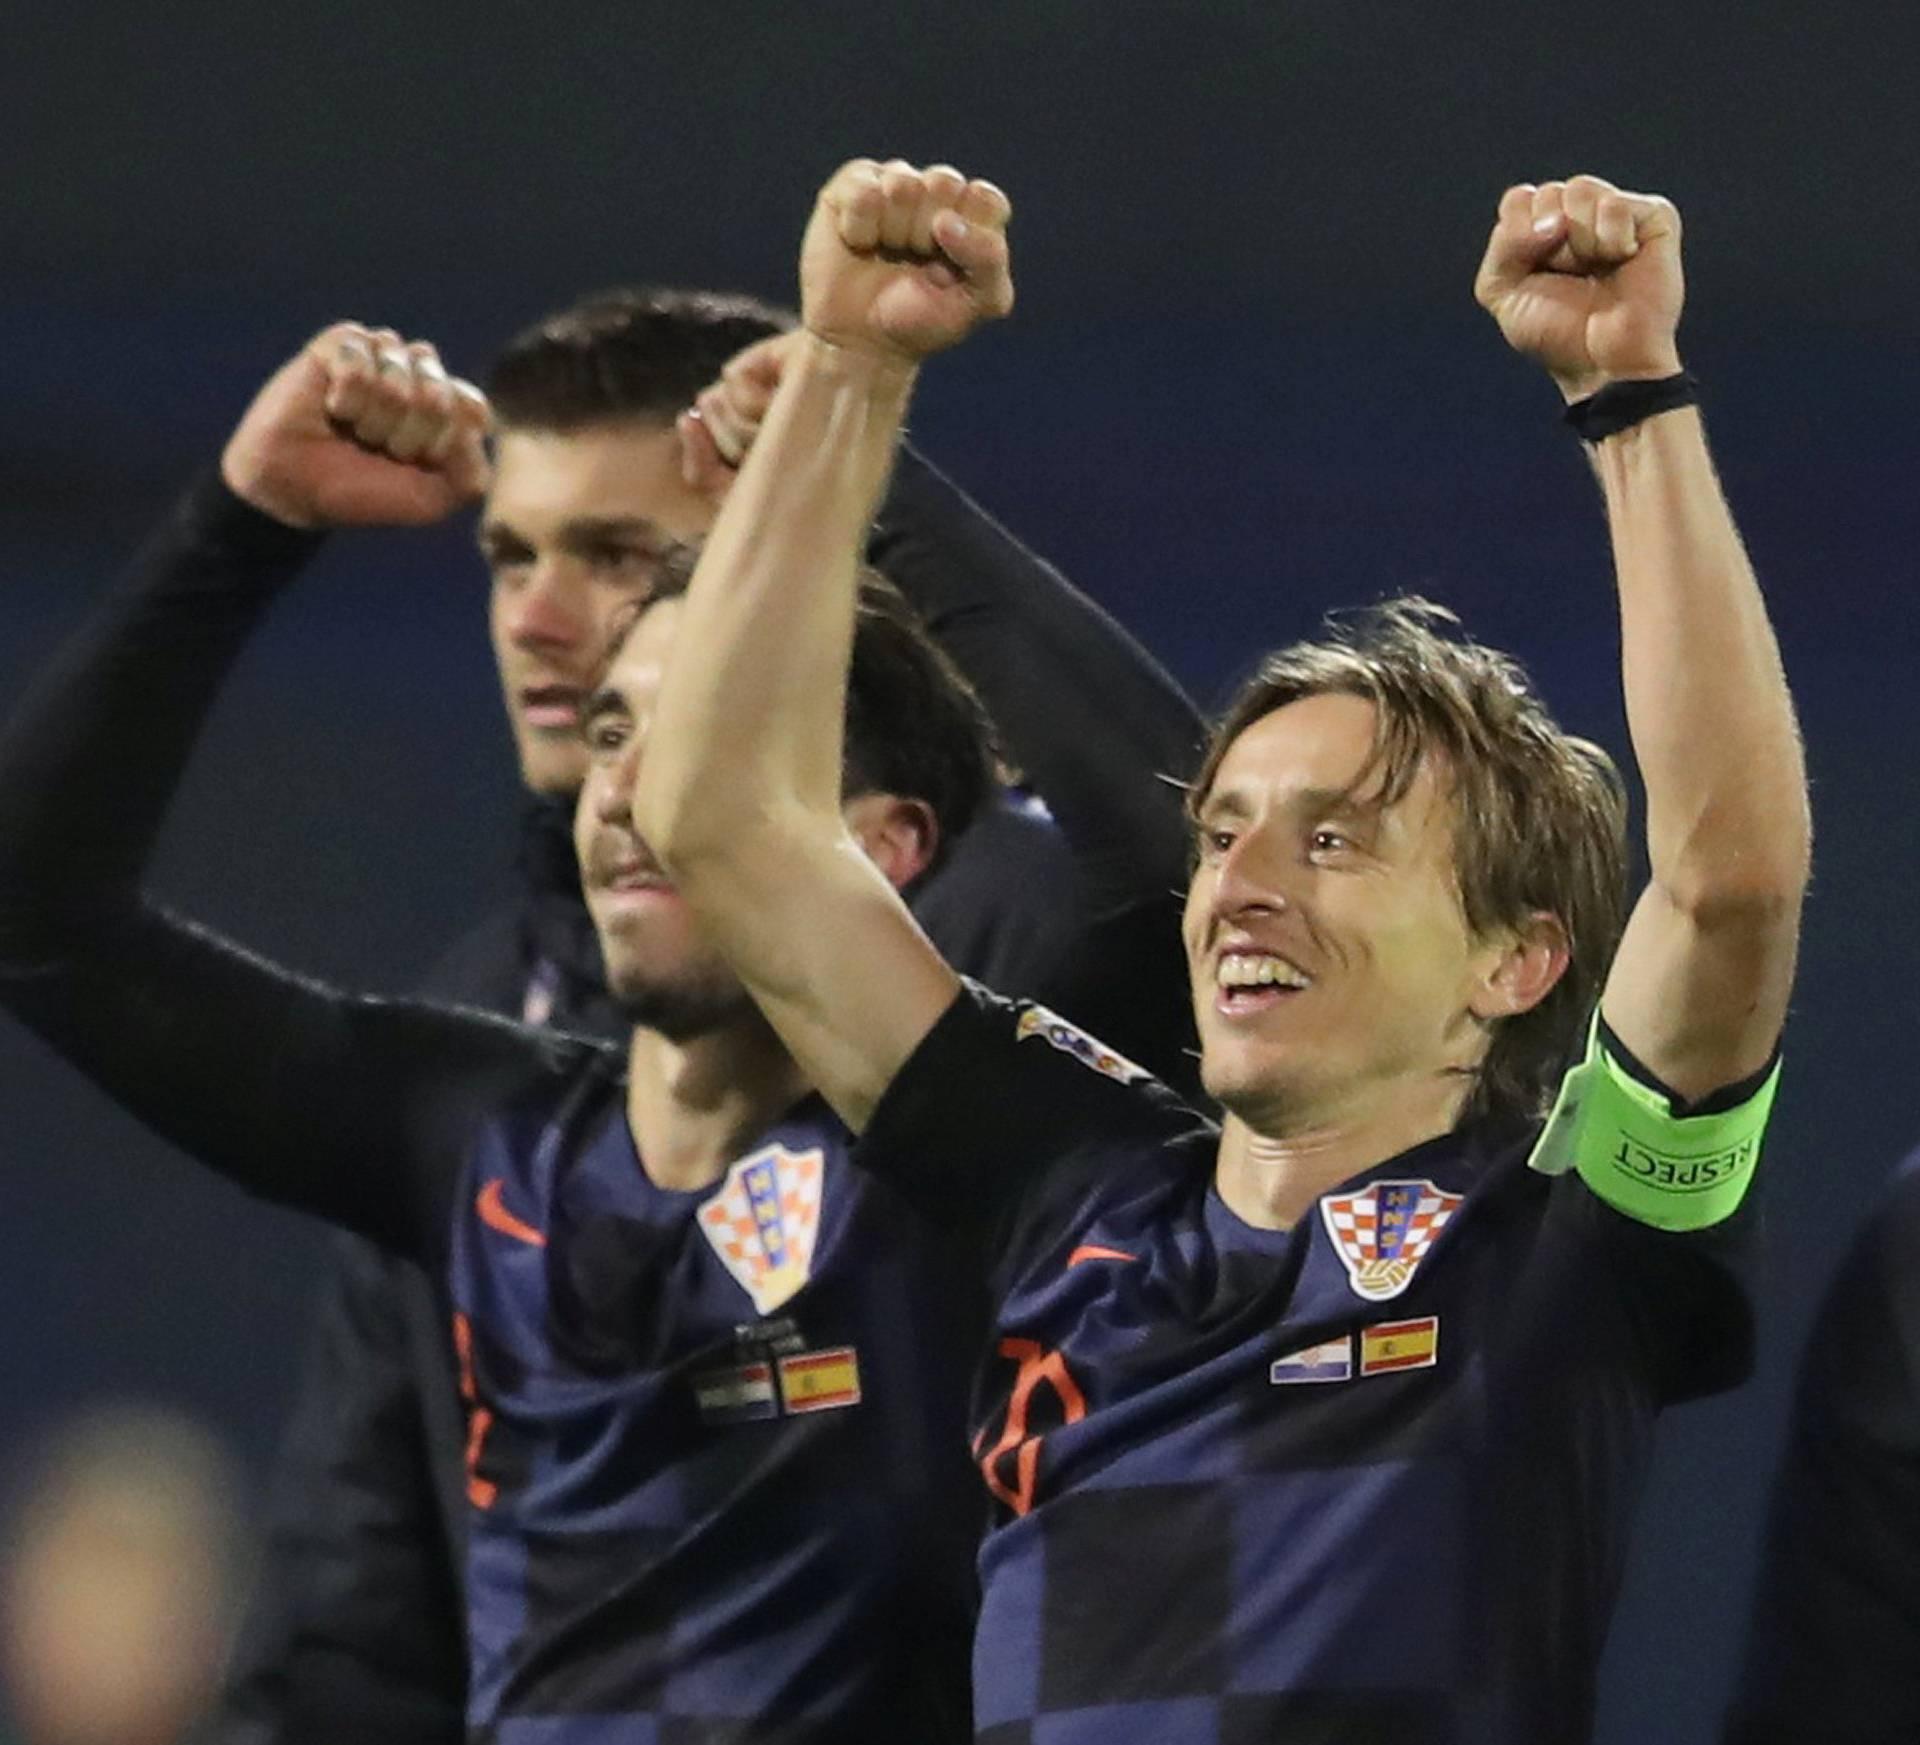 UEFA Nations League - League A - Group 4 - Croatia v Spain